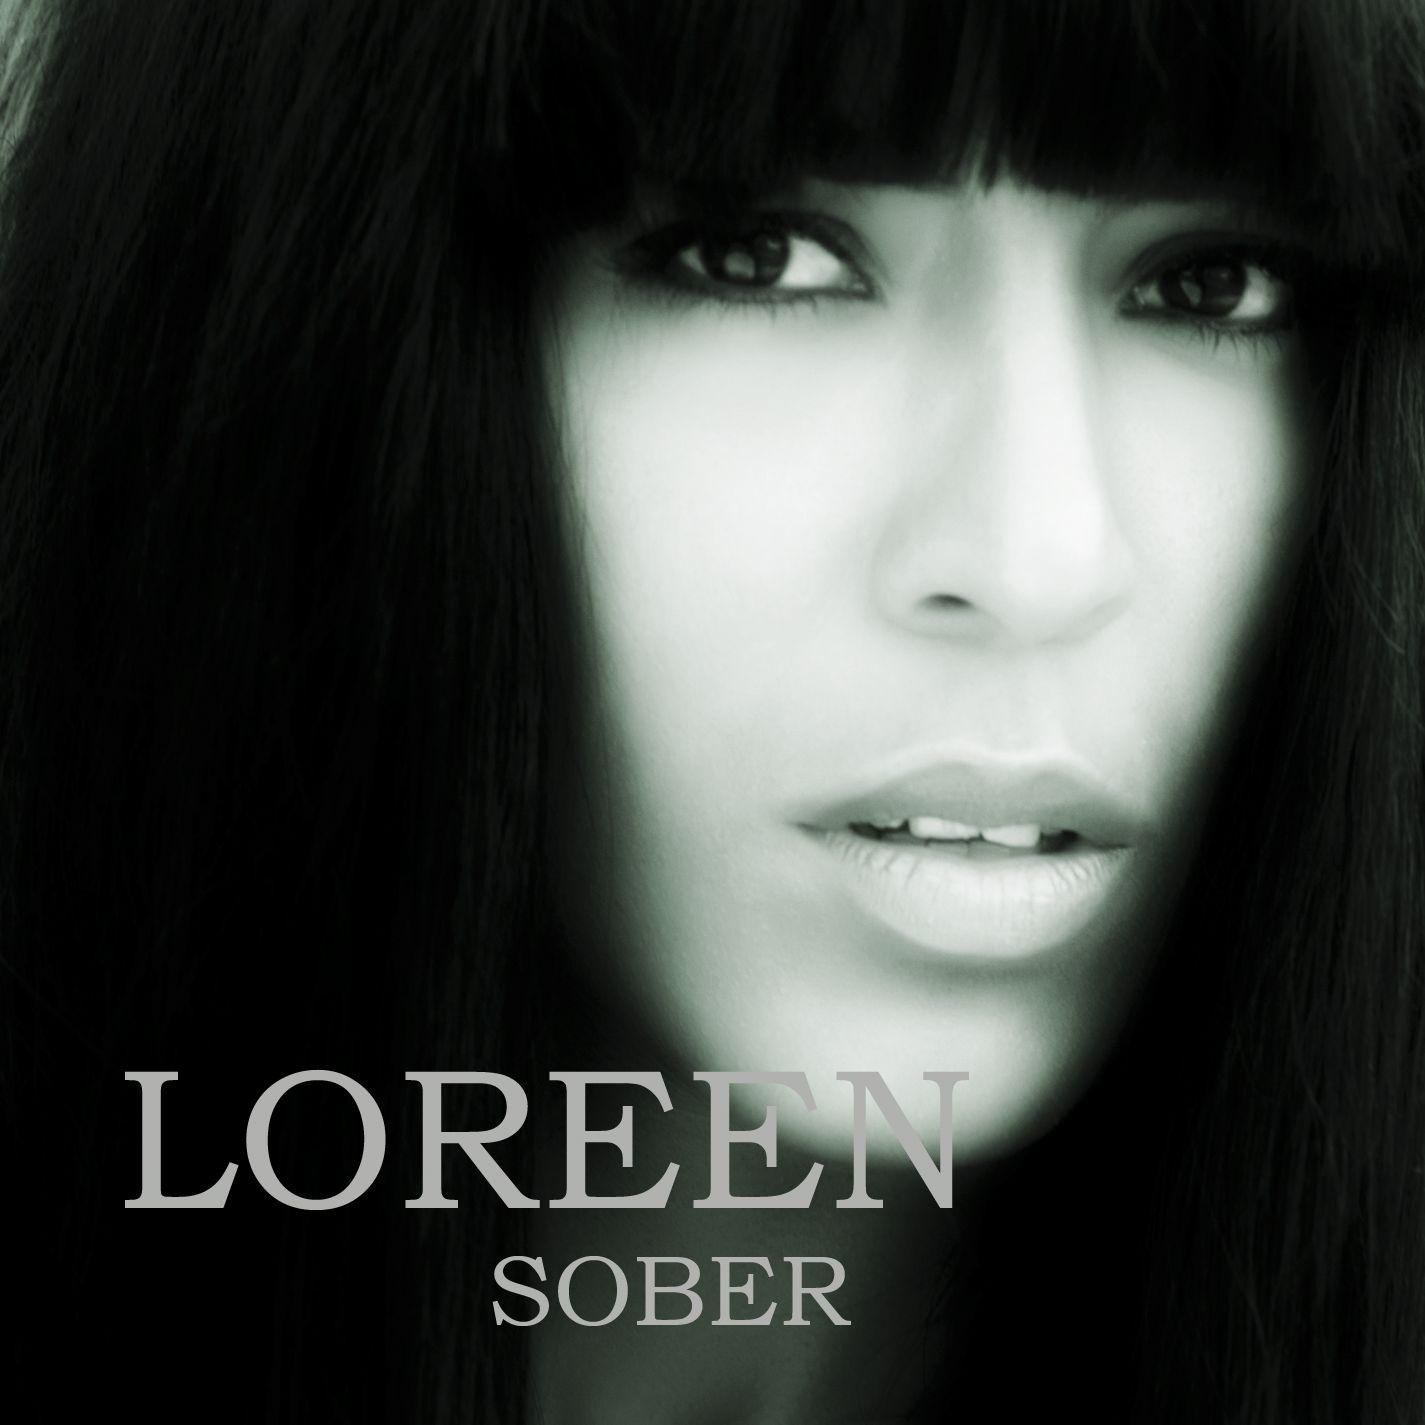 http://2.bp.blogspot.com/-Wtwgr27GuNQ/TnC3KBAqPhI/AAAAAAAACTg/uTQkuYf751E/s1600/Loreen+-+Sober+%25282011%2529.png